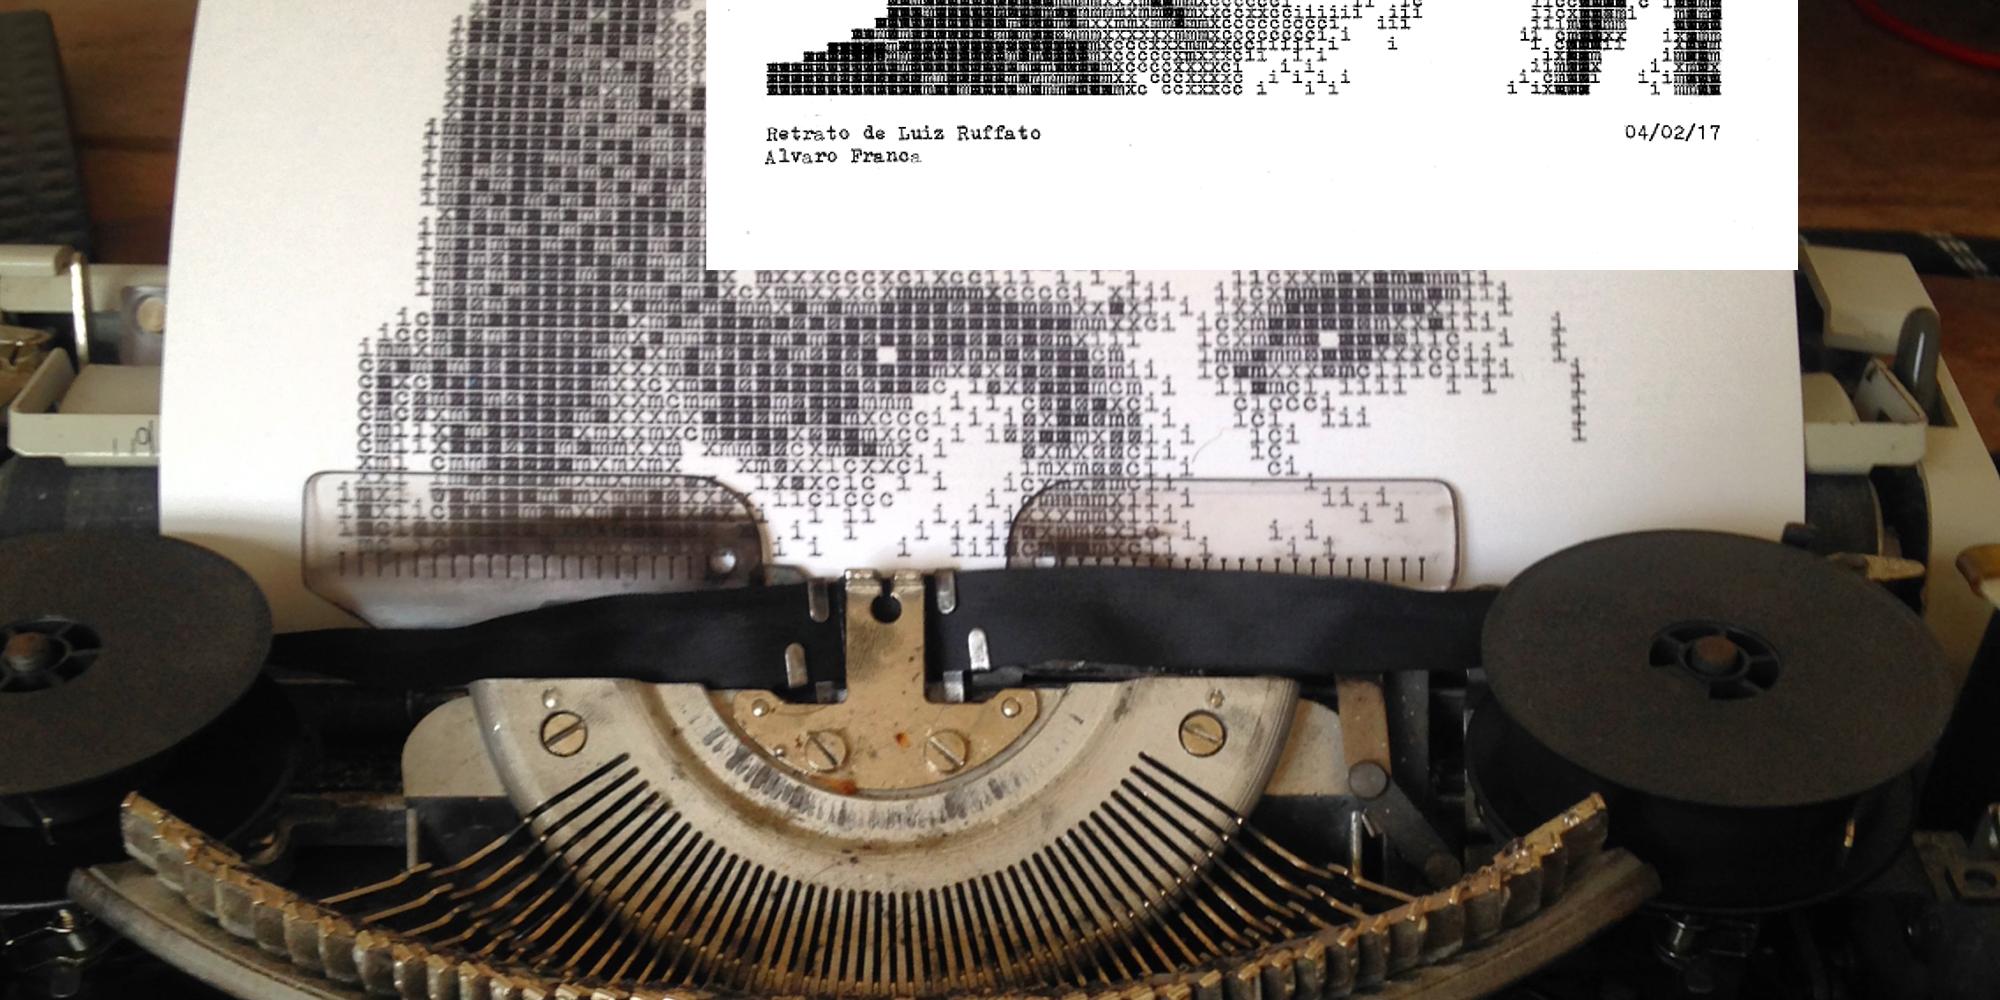 Typewritten19.png